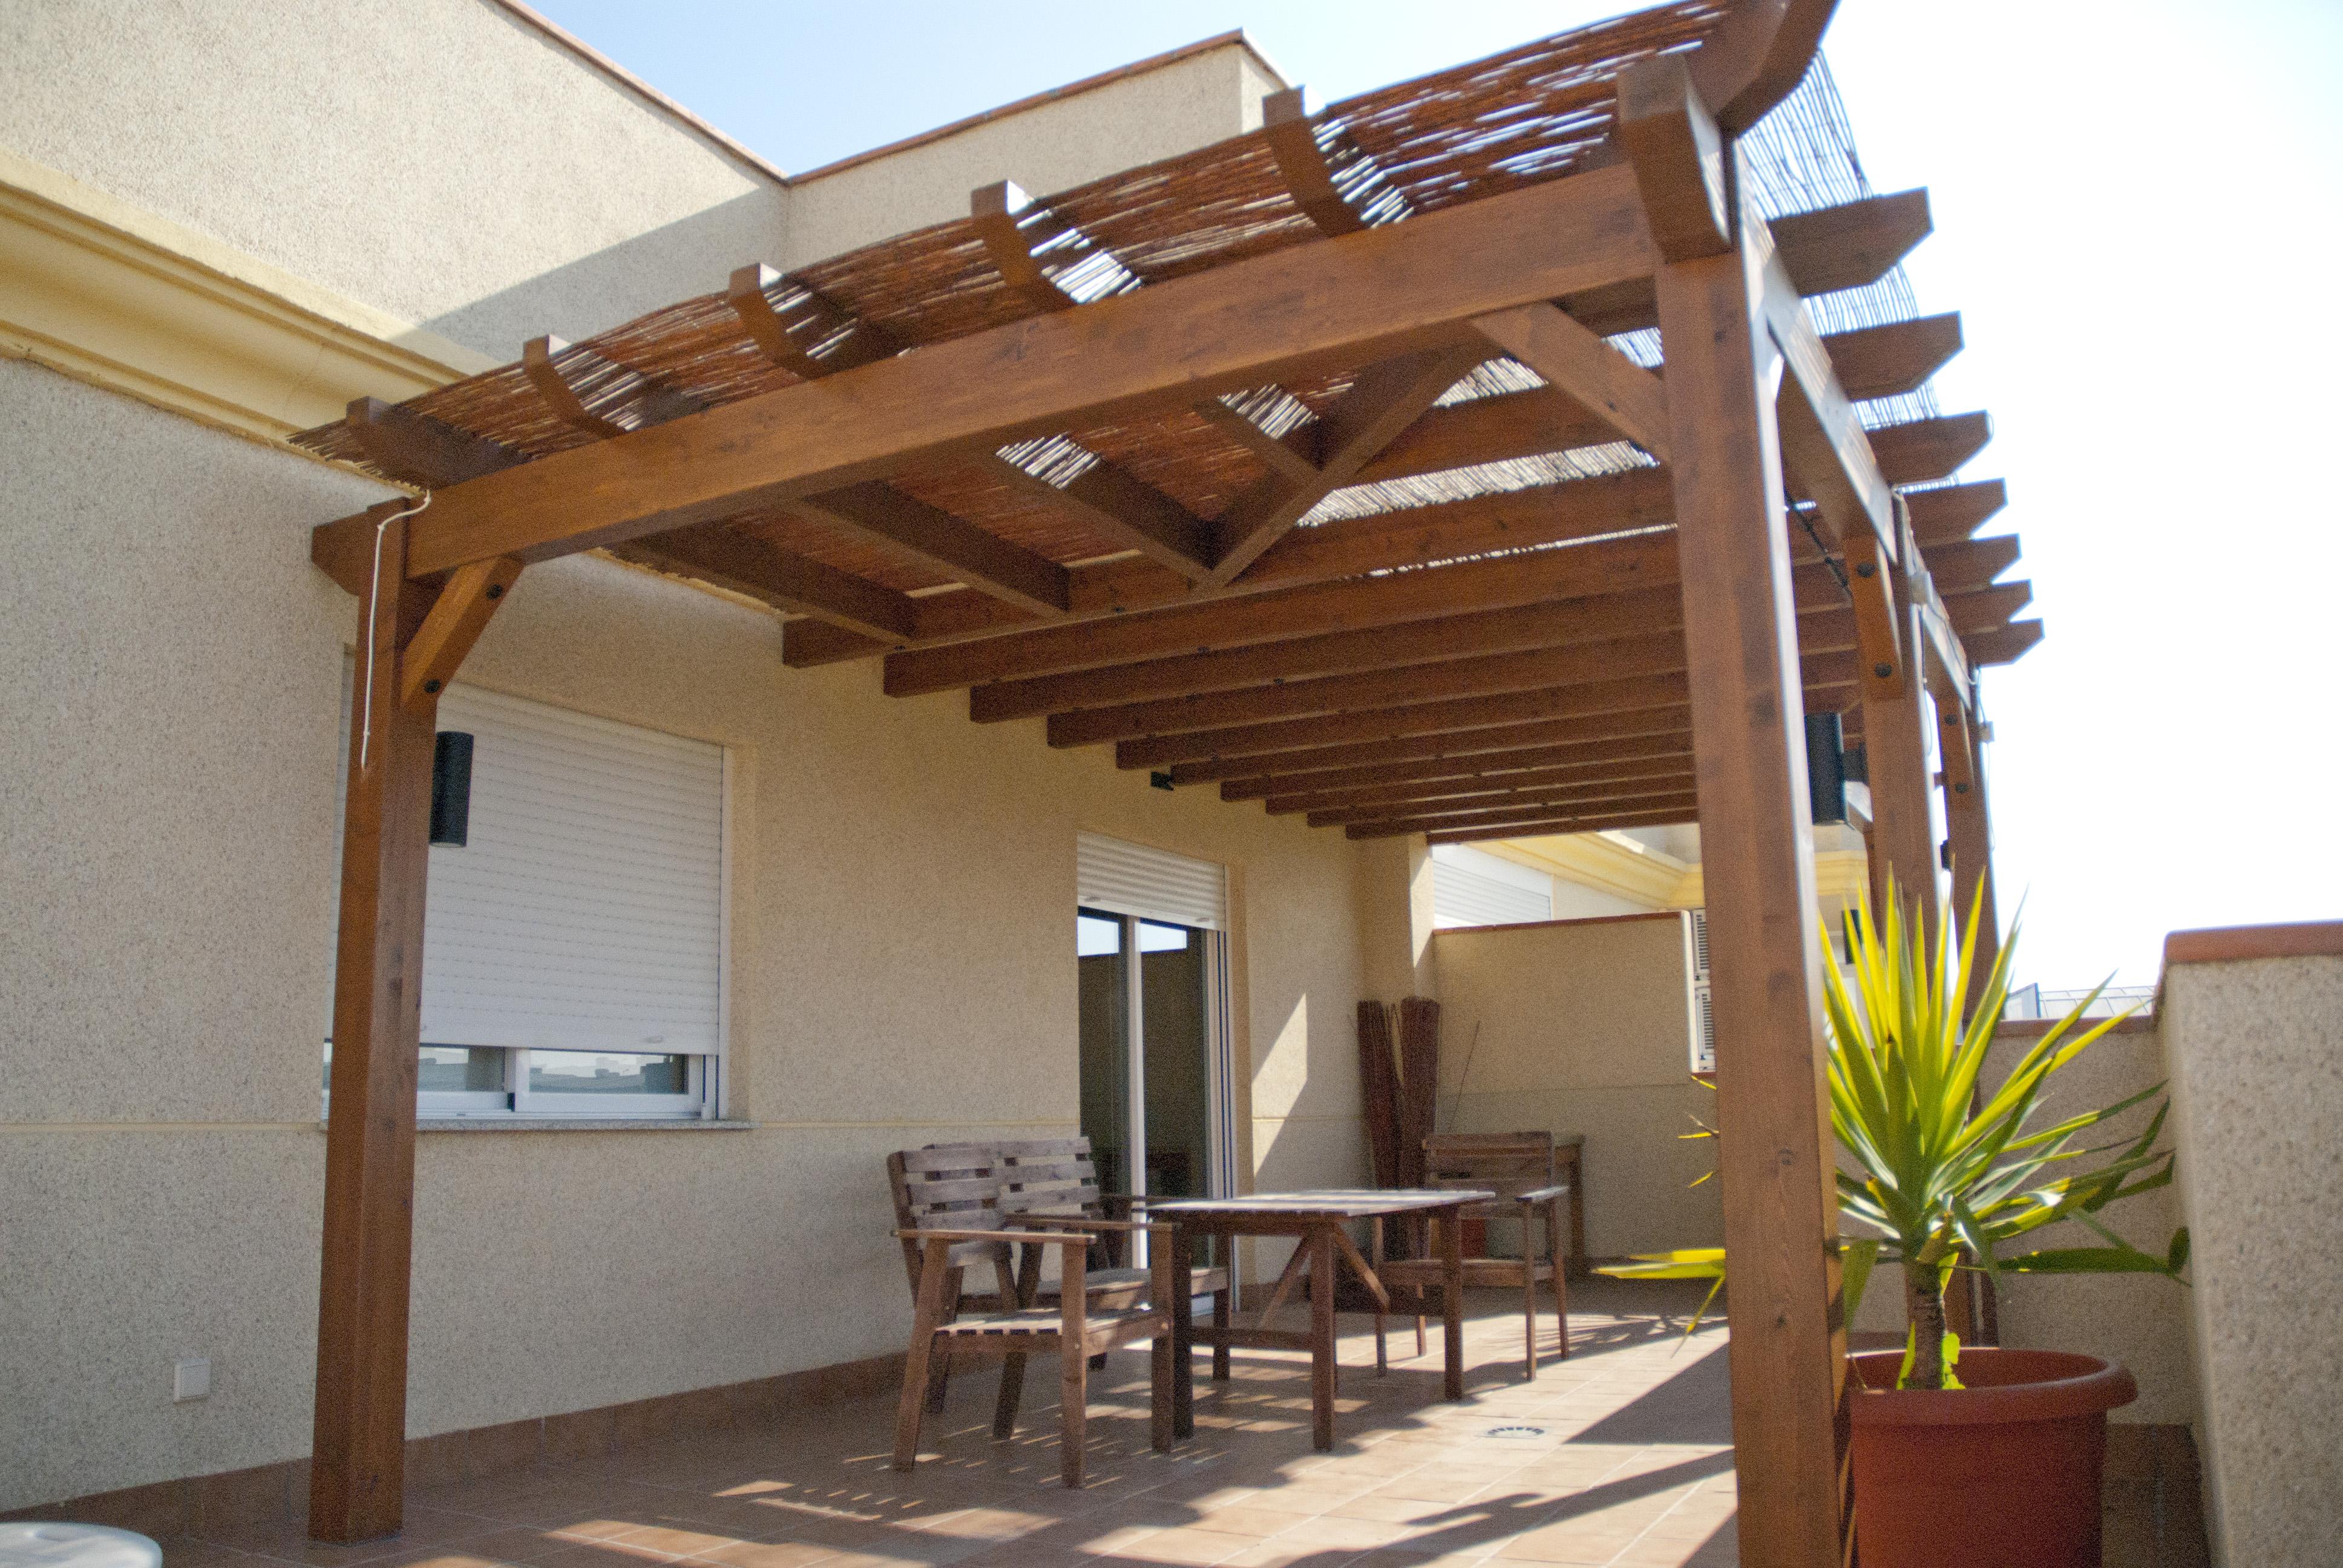 Pergolas De Madera Instaladas En Terrazas Estructuras De Madera Dlc - Pergolas-en-terrazas